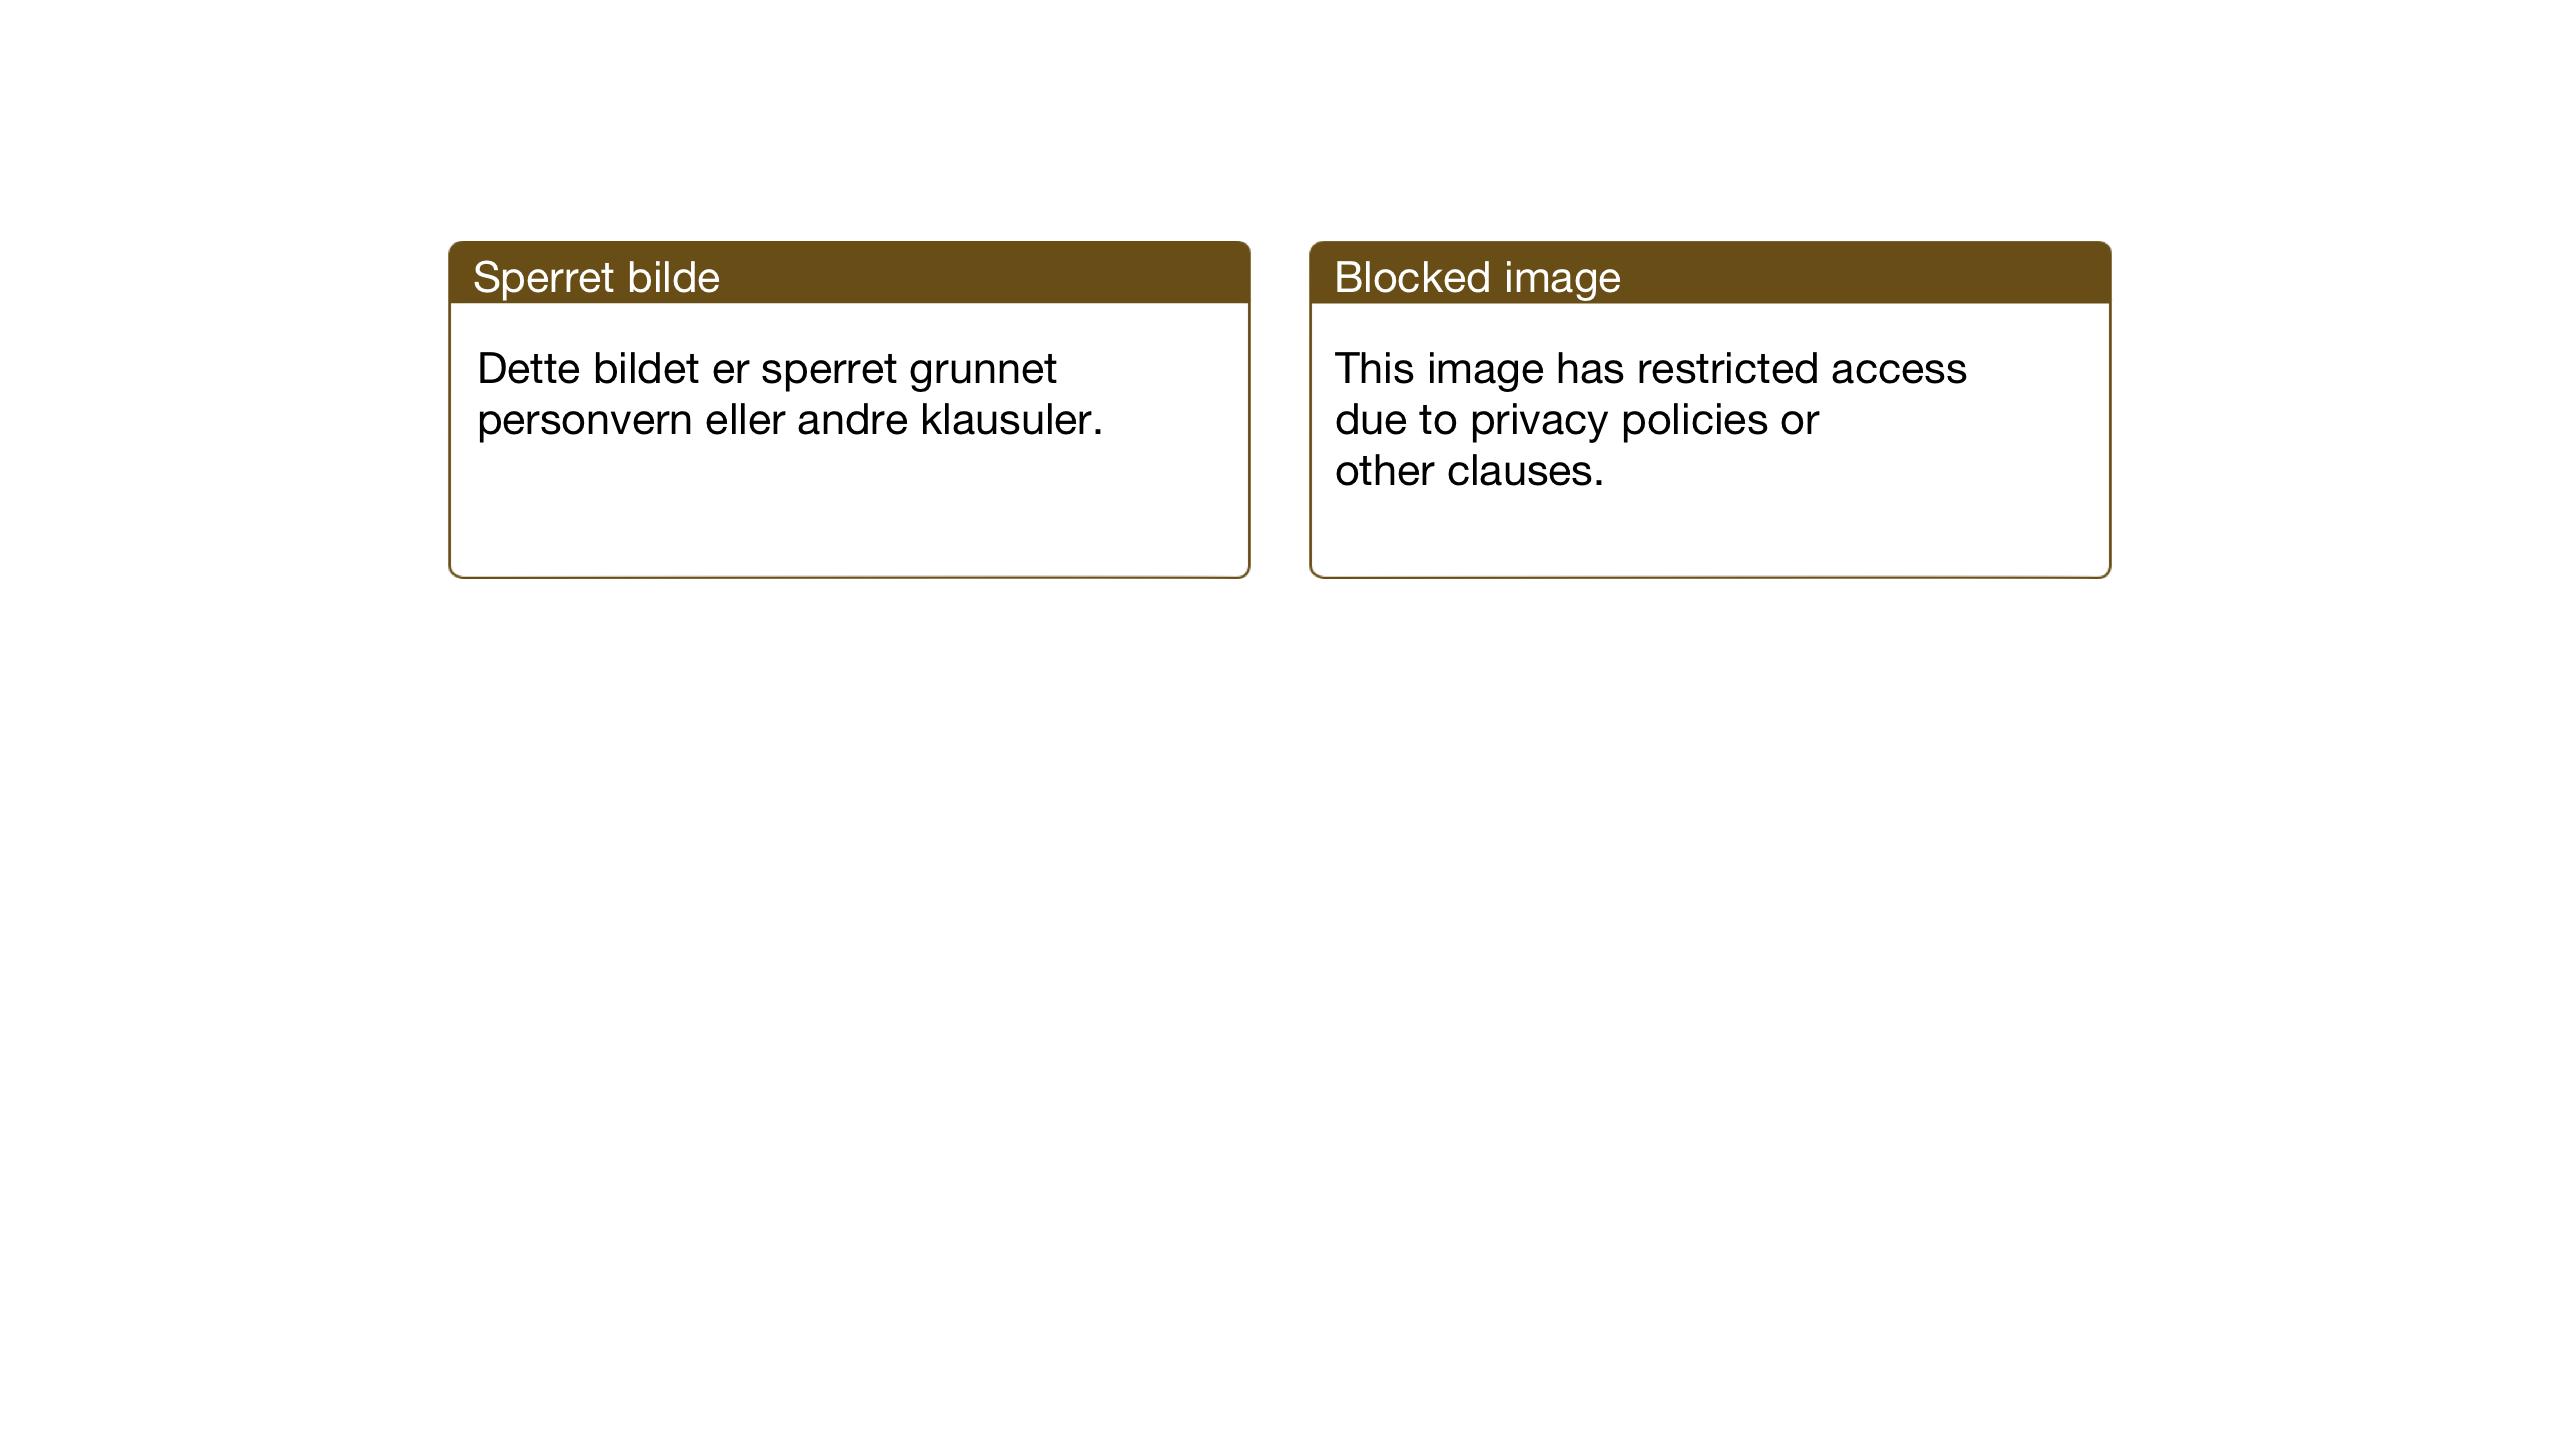 SAT, Ministerialprotokoller, klokkerbøker og fødselsregistre - Nord-Trøndelag, 709/L0089: Klokkerbok nr. 709C03, 1935-1948, s. 145